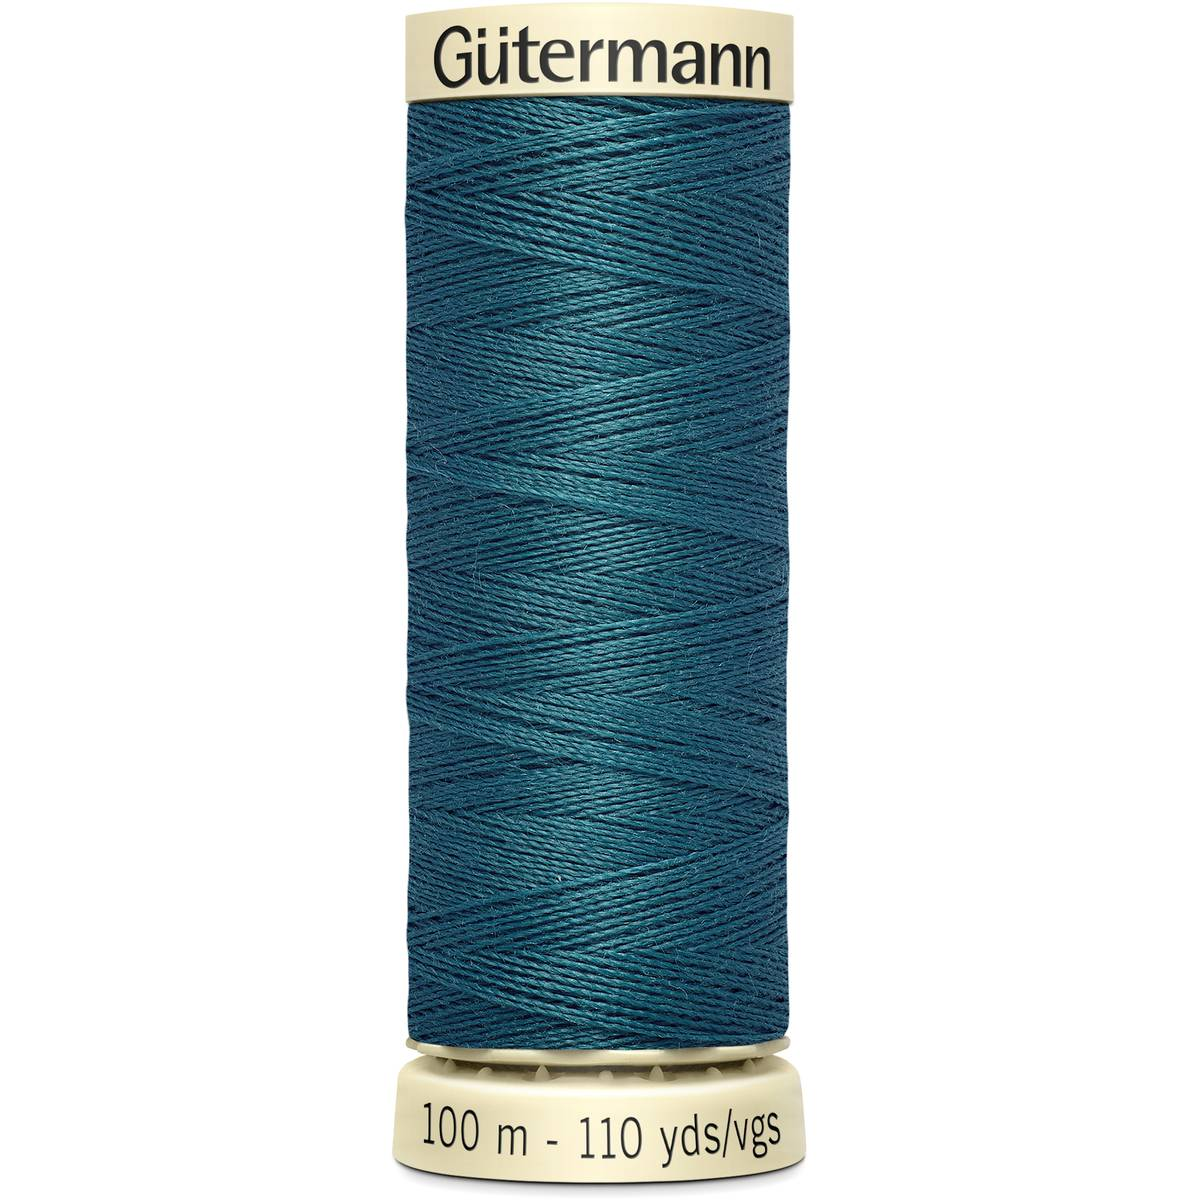 חוט תפירה גוטרמן - Blue 223